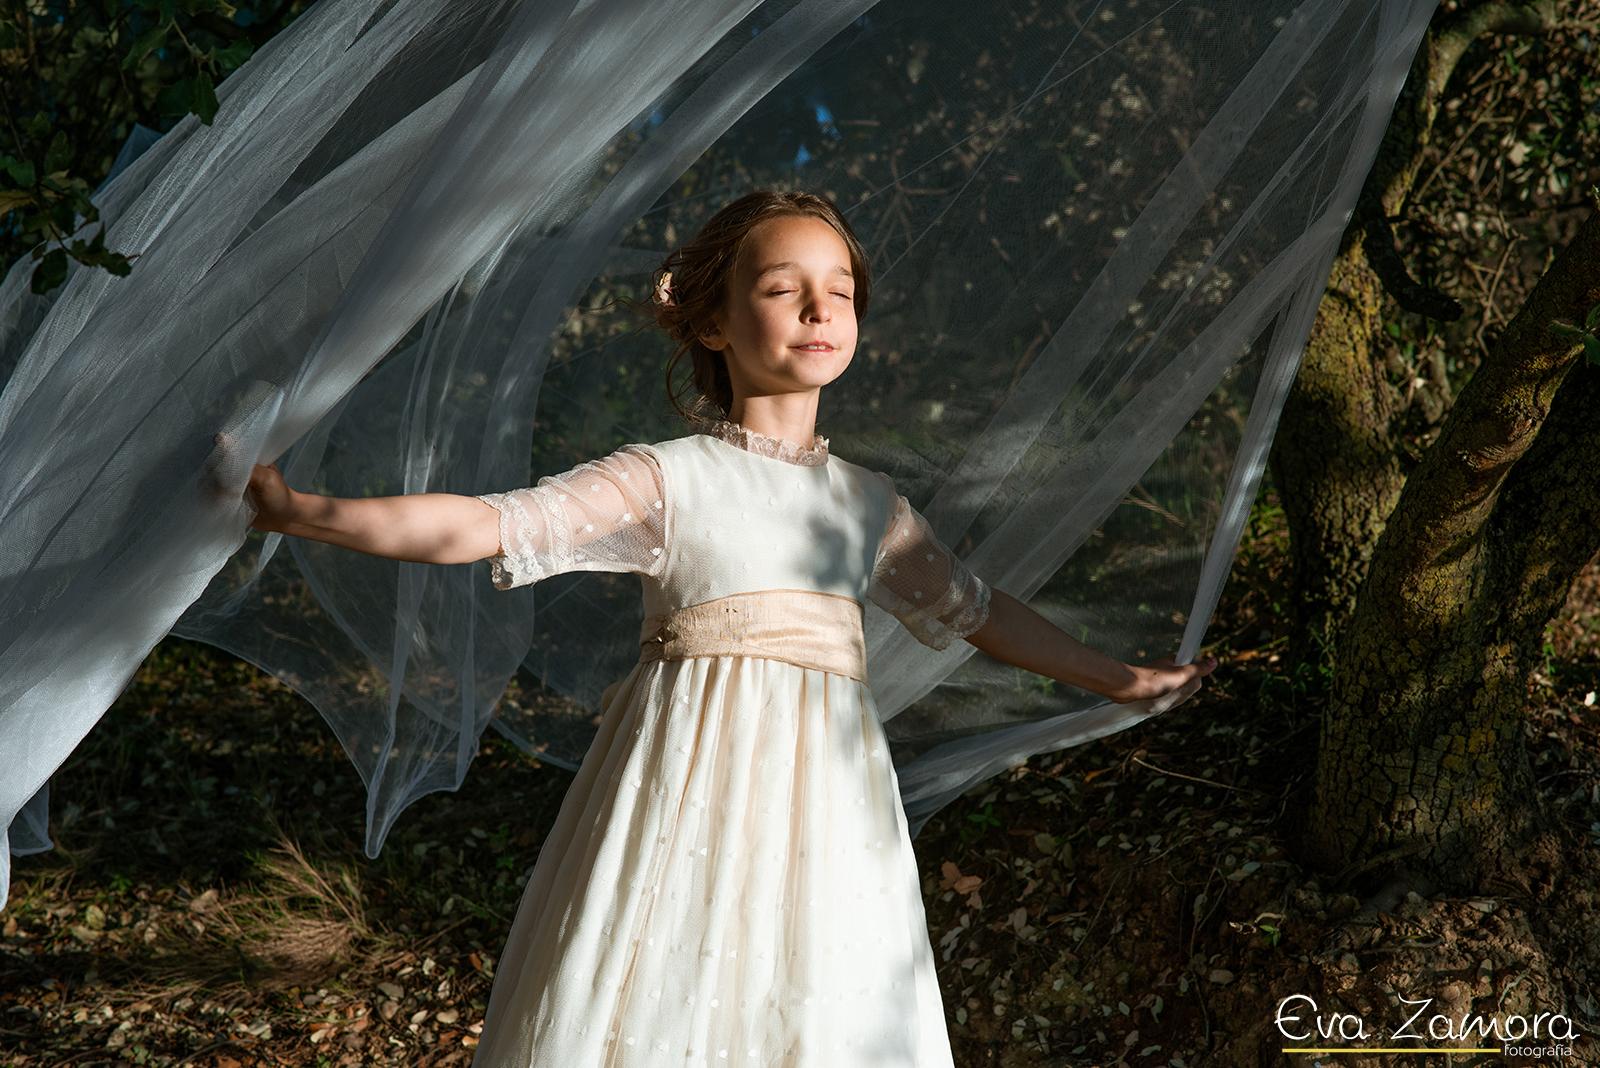 Sesión fotográfica Comunión Noa - Eva Zamora fotografia